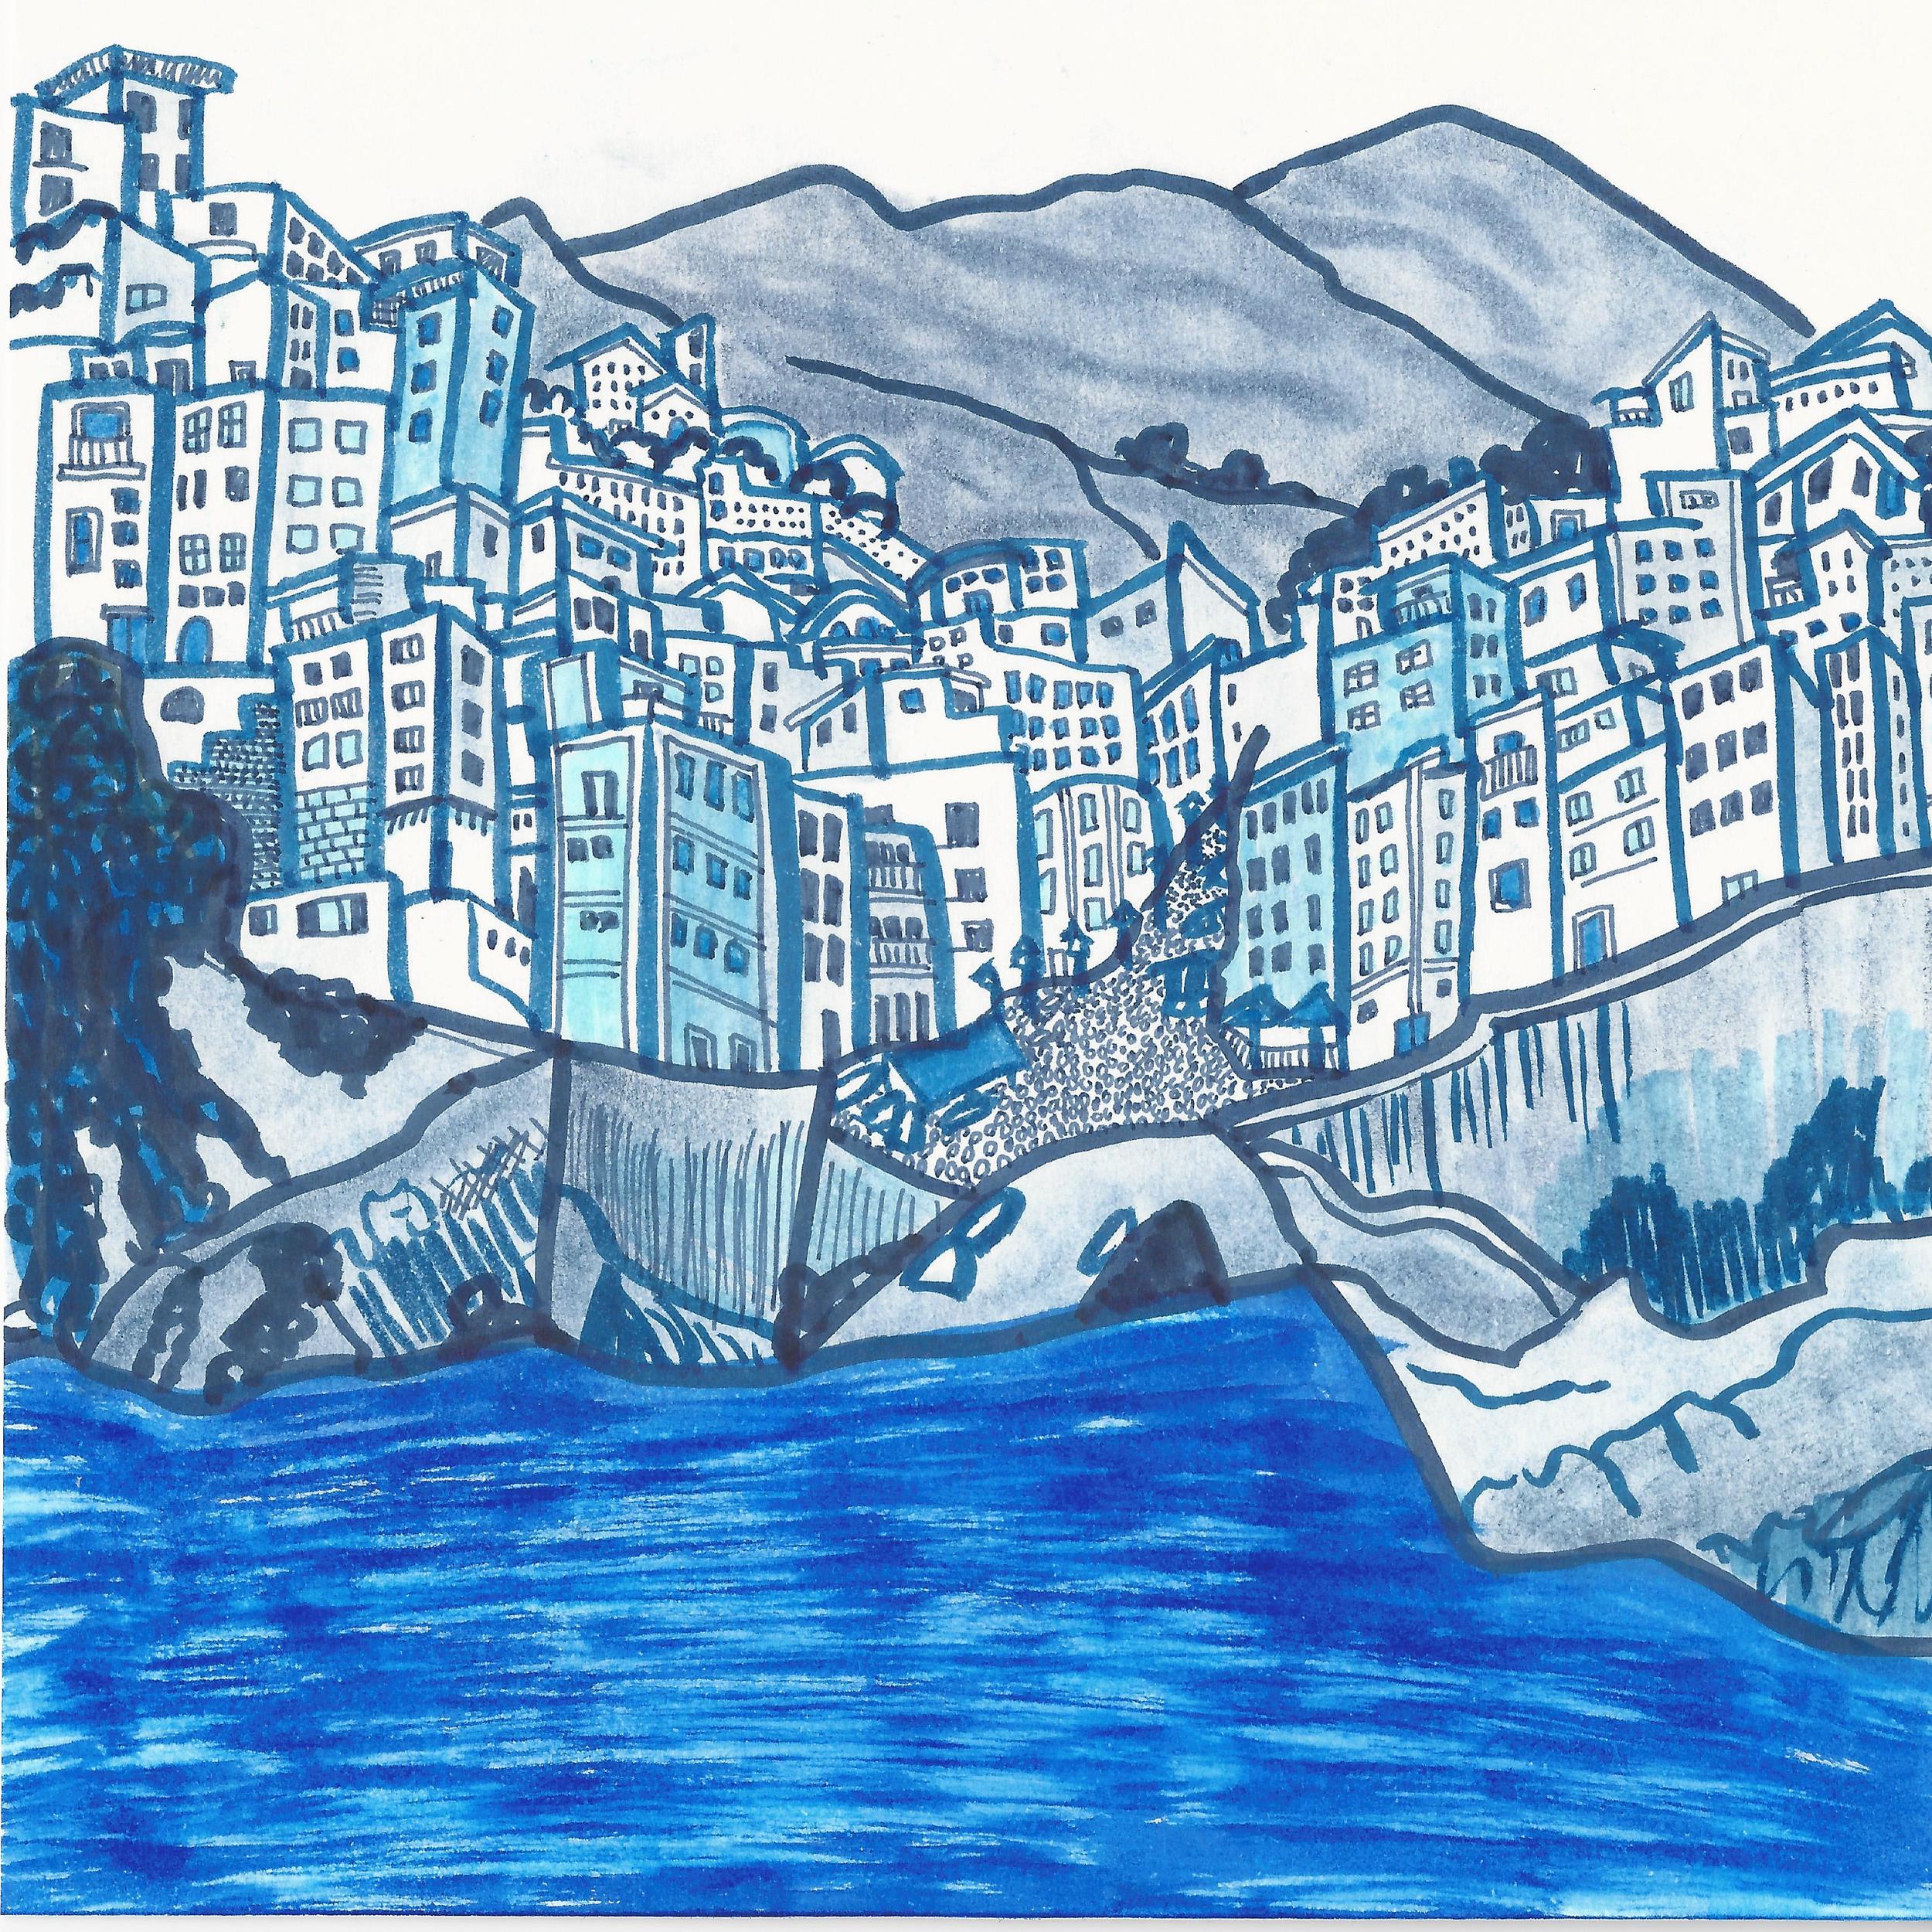 12-100 Cinque Terre Italy.jpg